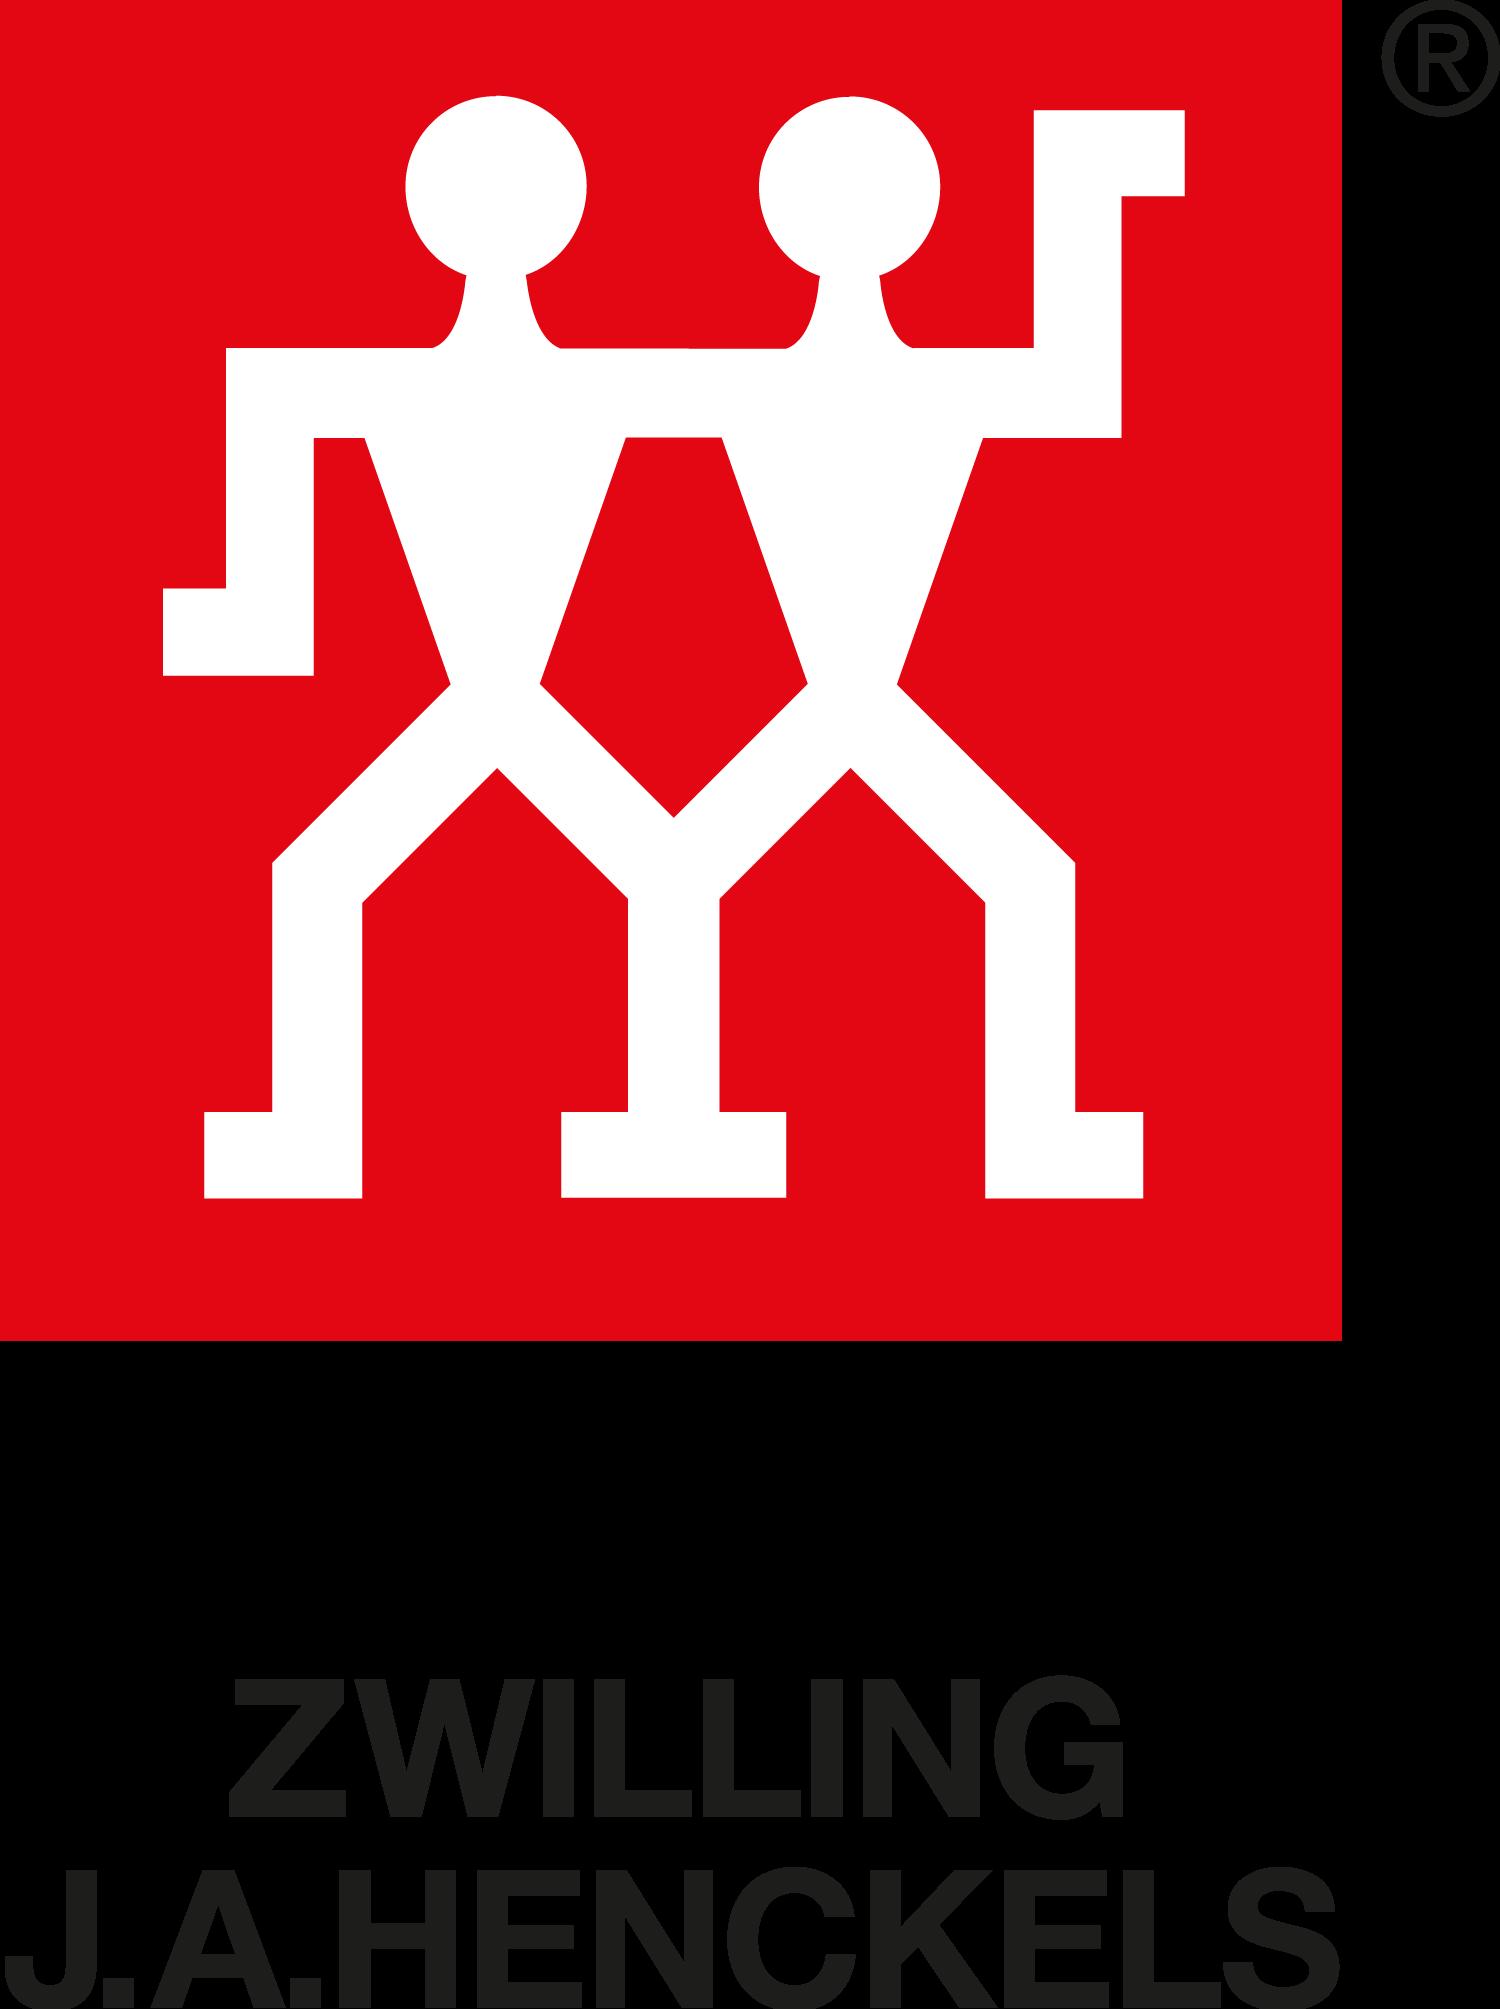 ZWILLING Gutschein & Rabattcode